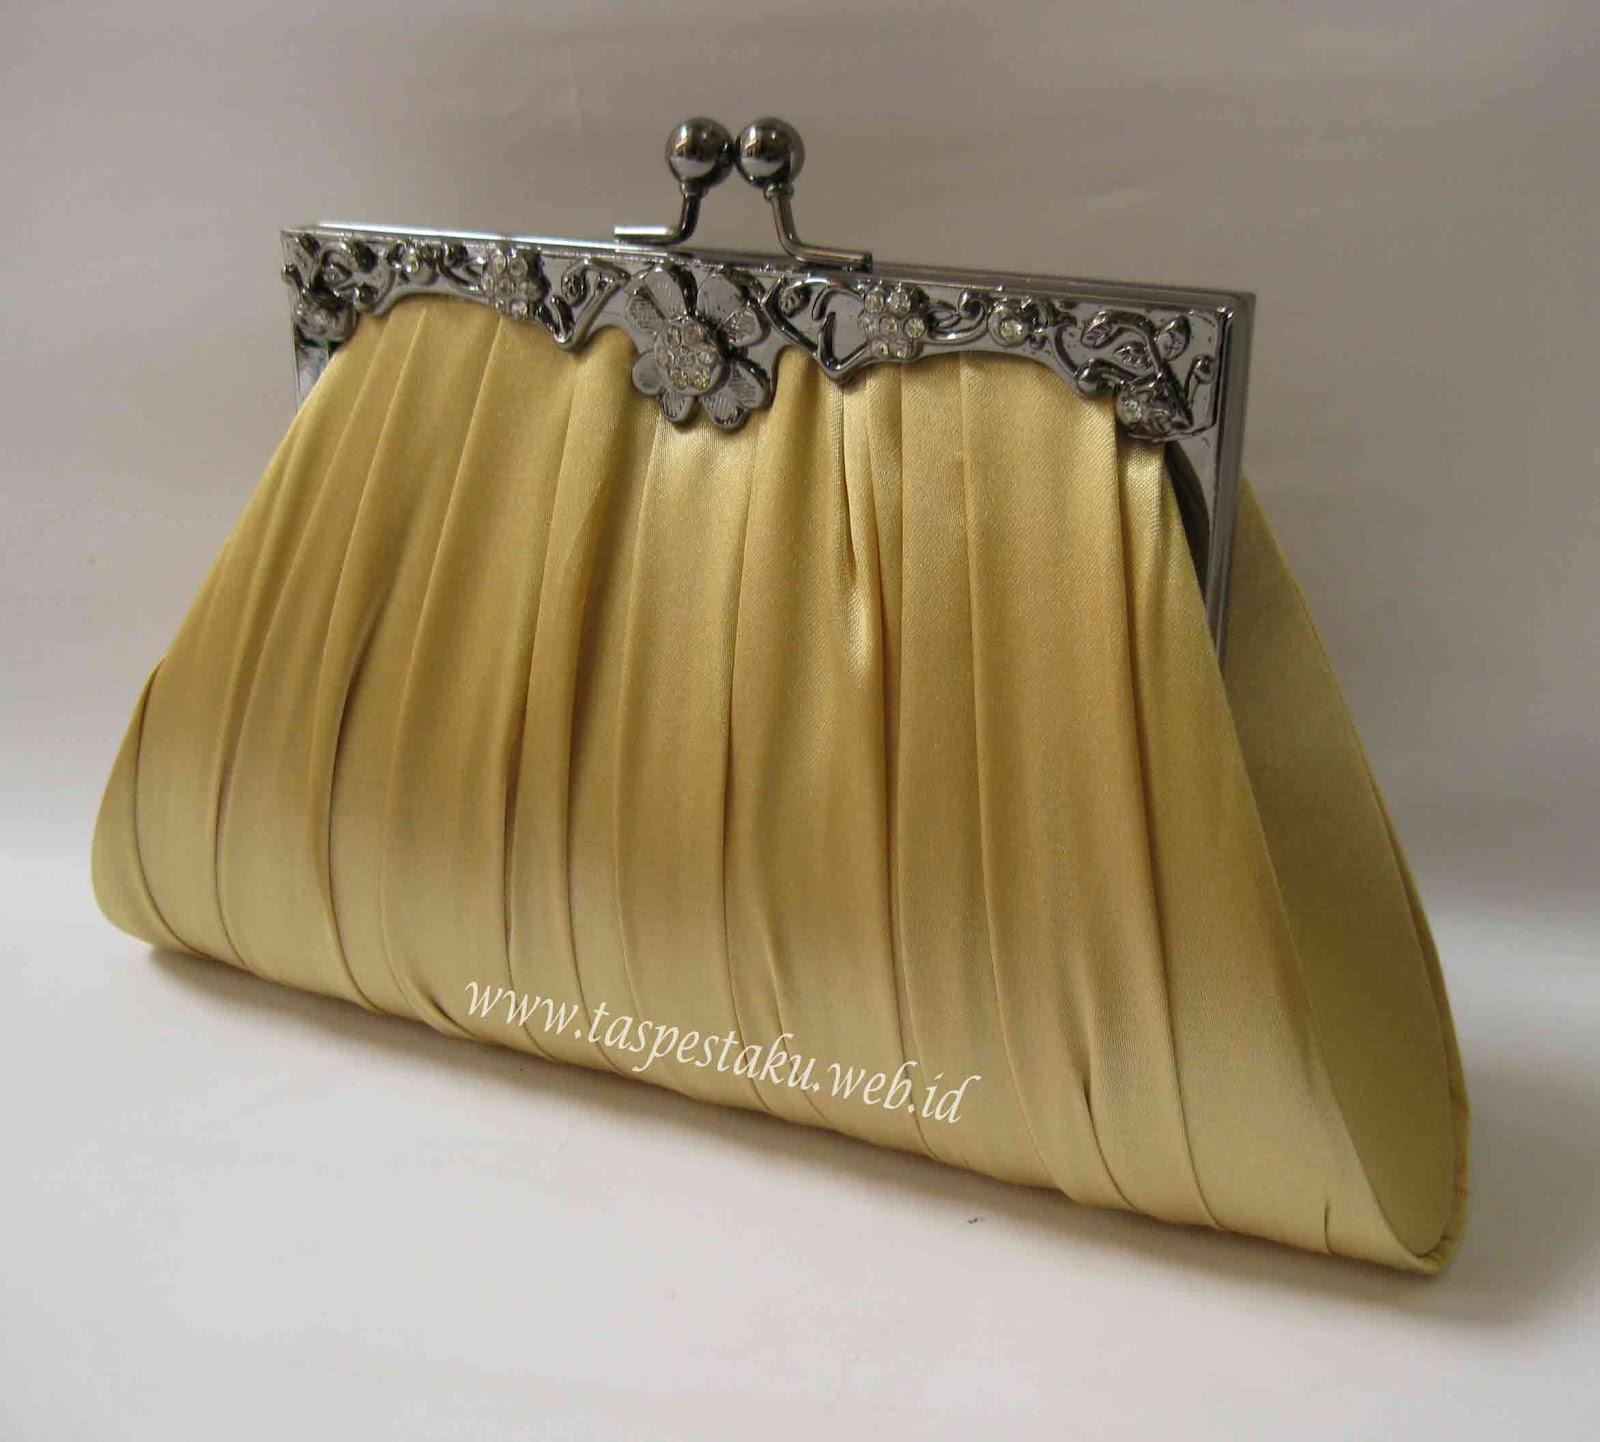 Tas Pesta - Clutch Bag  taspestaku  Tas Pesta - Clutch Bag Behel ... 42e33568d1